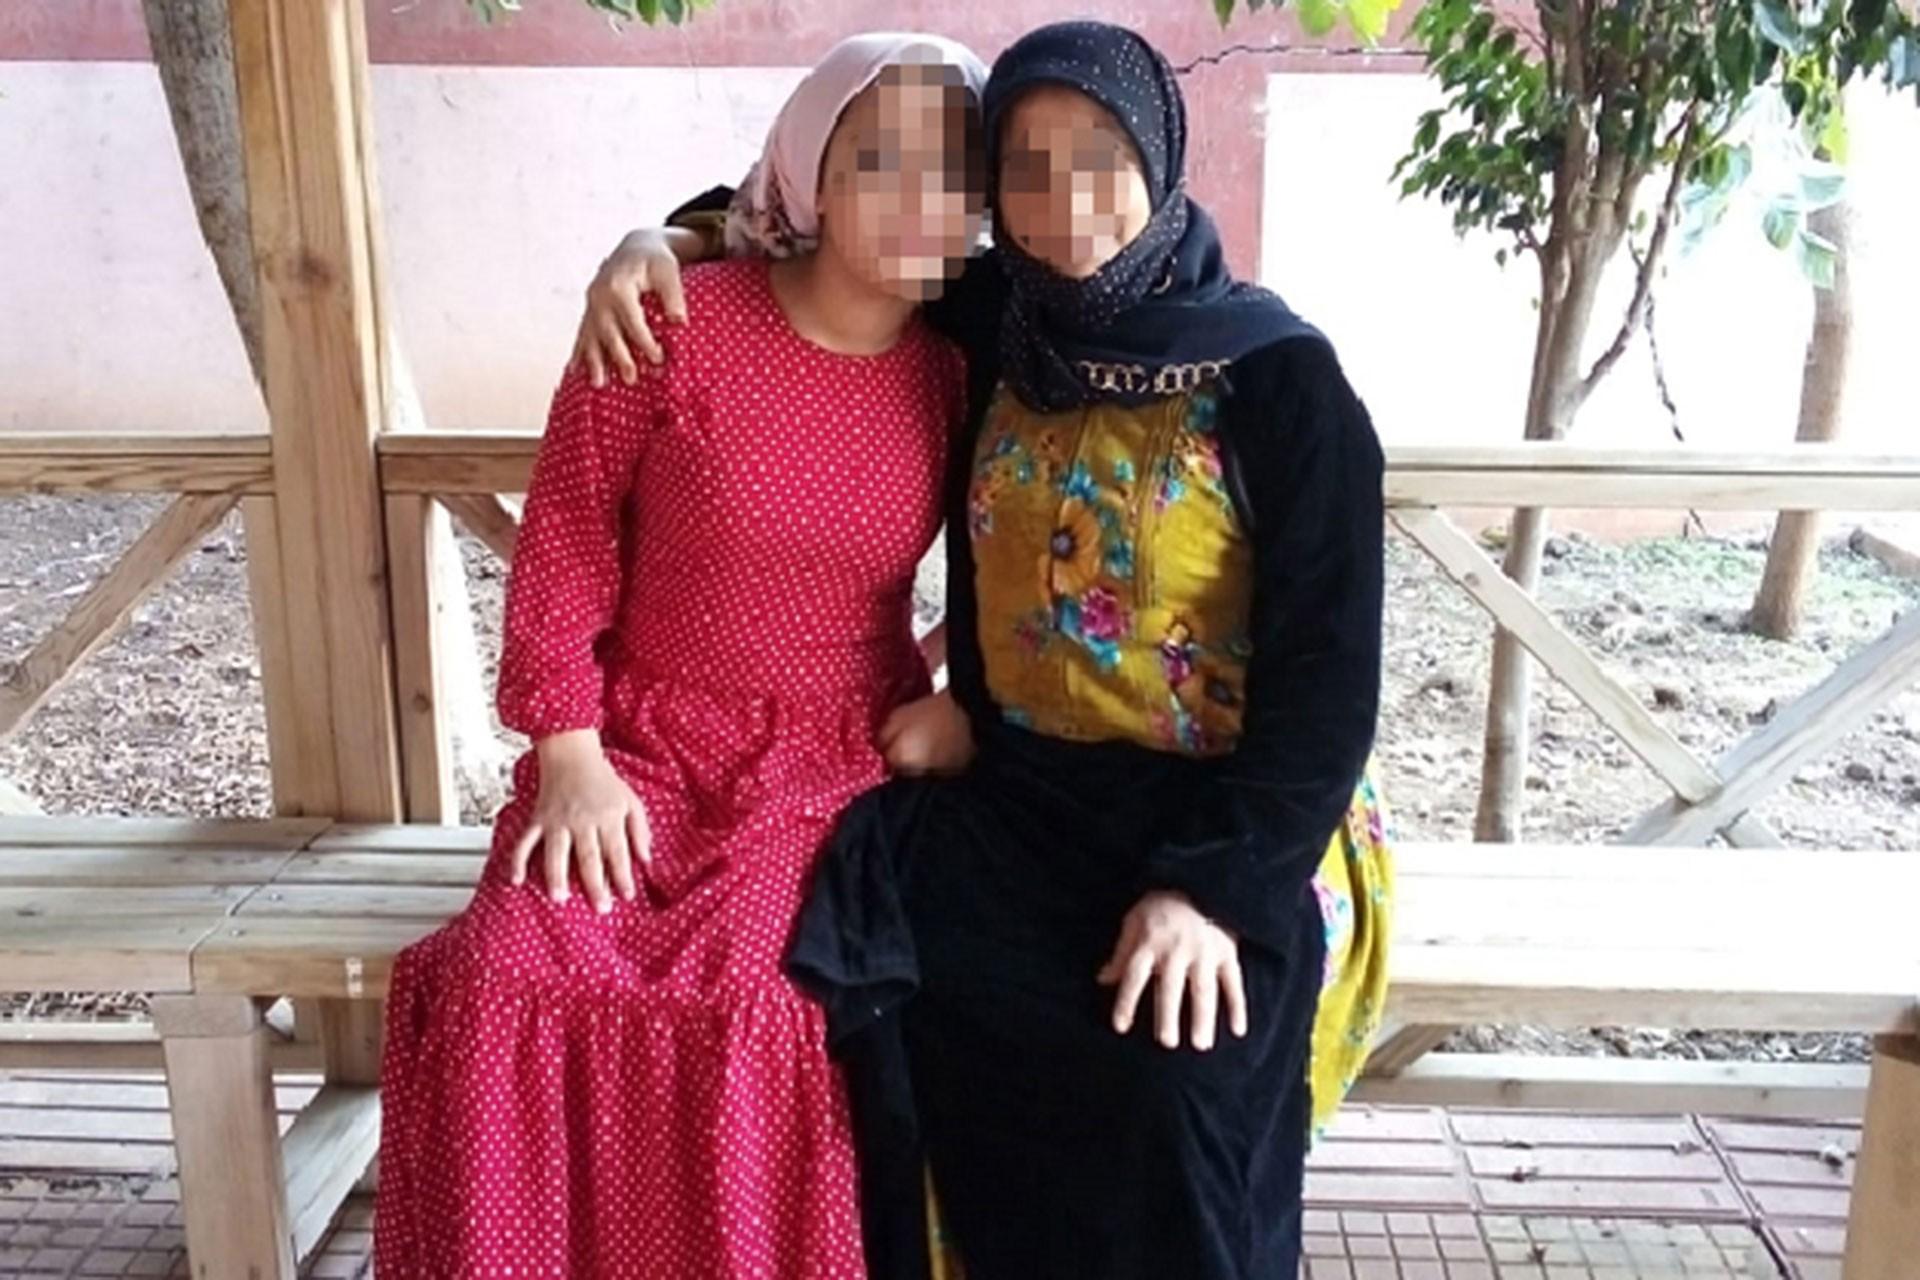 Babasının istismarına maruz kalan çocuk (solda) ve annesi (sağda)